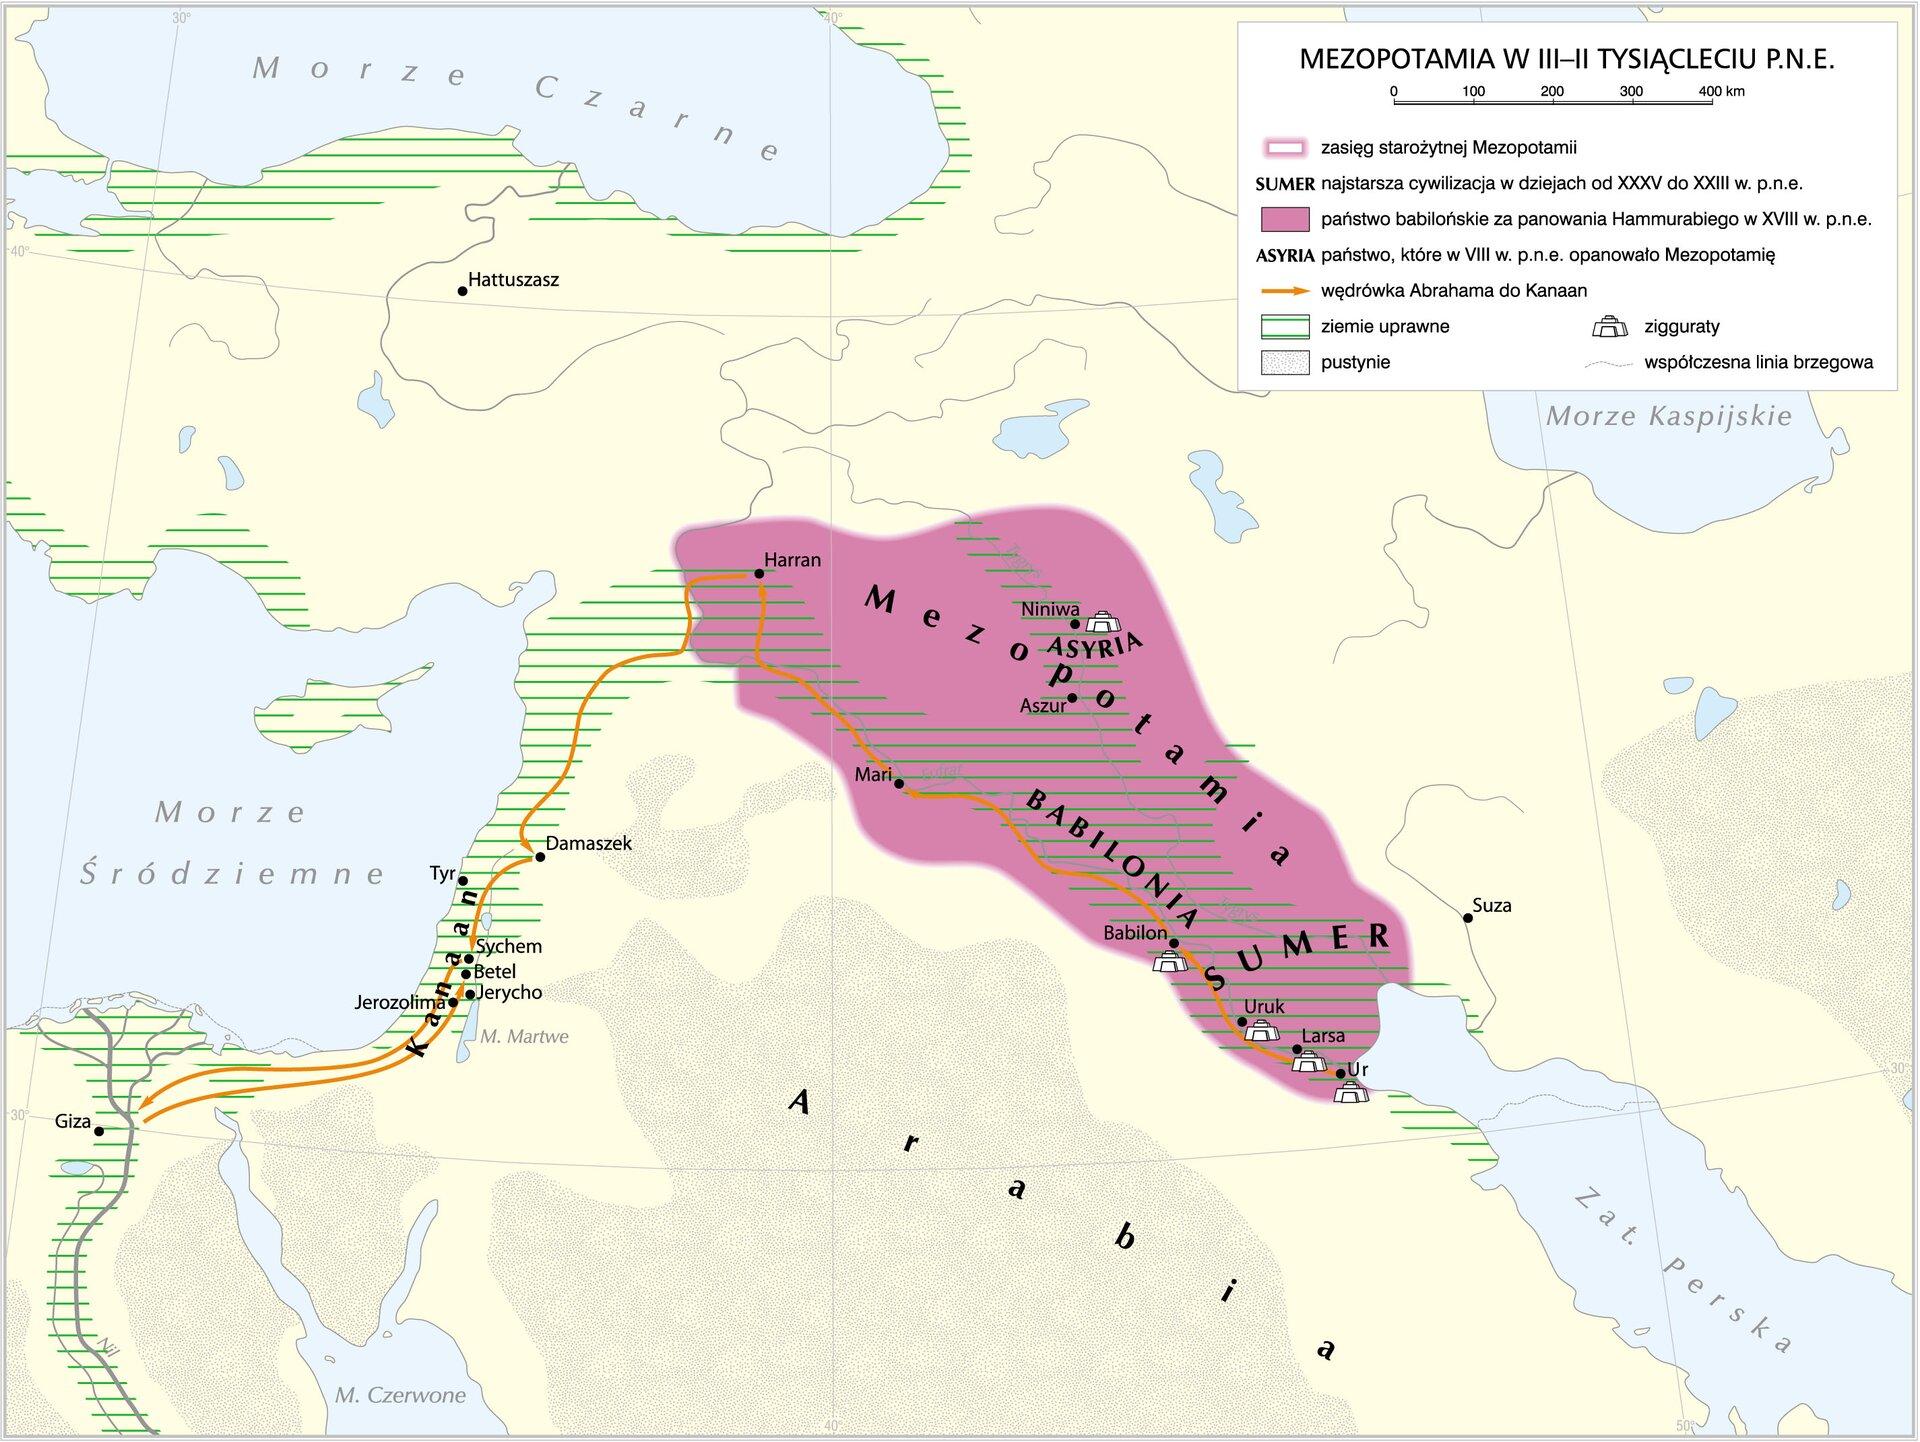 Wędrówka Abrahama do Ziemi Obiecanej Wędrówka Abrahama do Ziemi Obiecanej Źródło: Krystian Chariza izespół, licencja: CC BY 3.0.